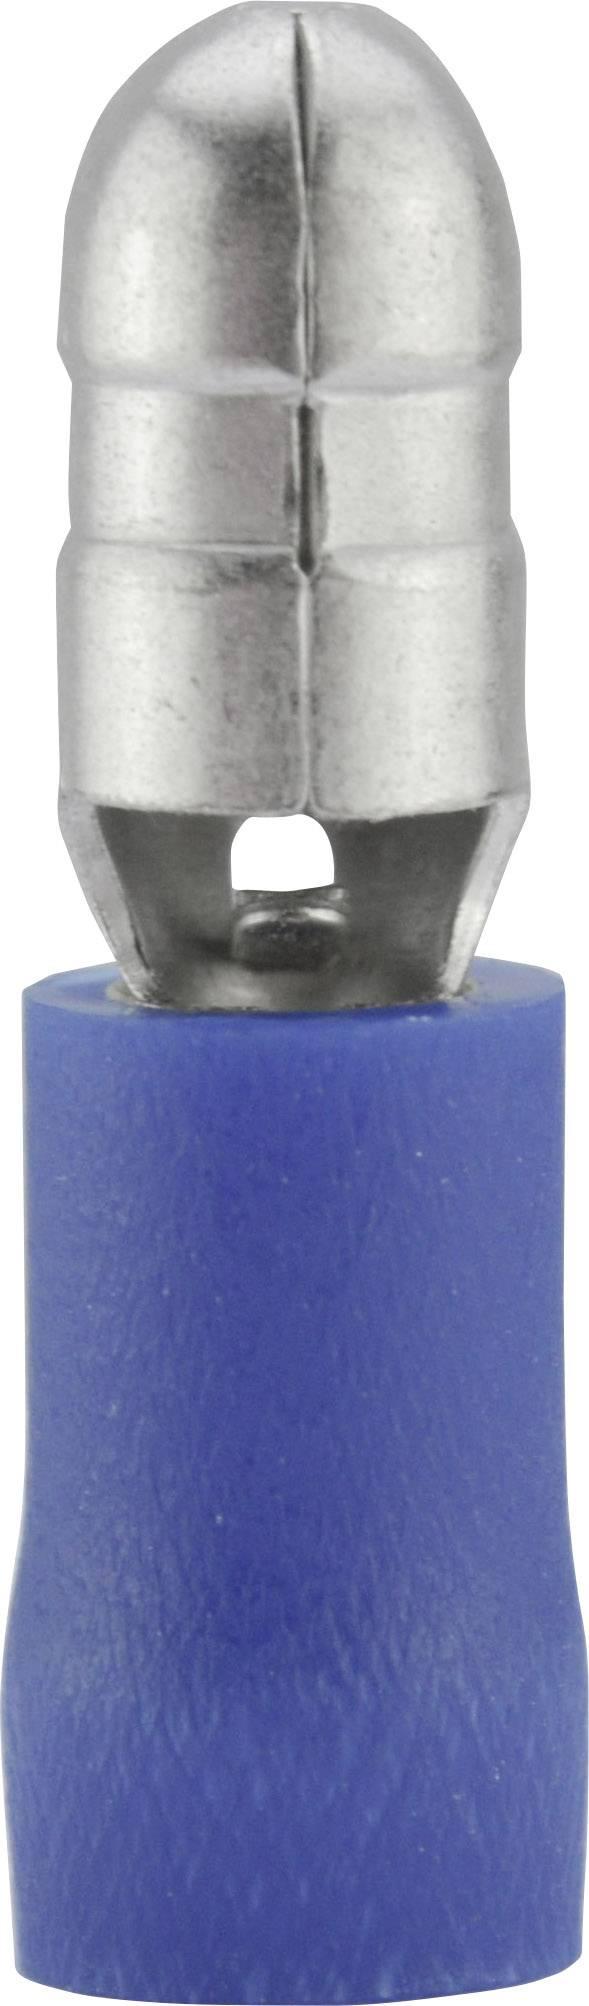 Kruhová zástrčka, 1.5 - 2.5 mm², Ø 5 mm, izolovaná, pozinkovaná